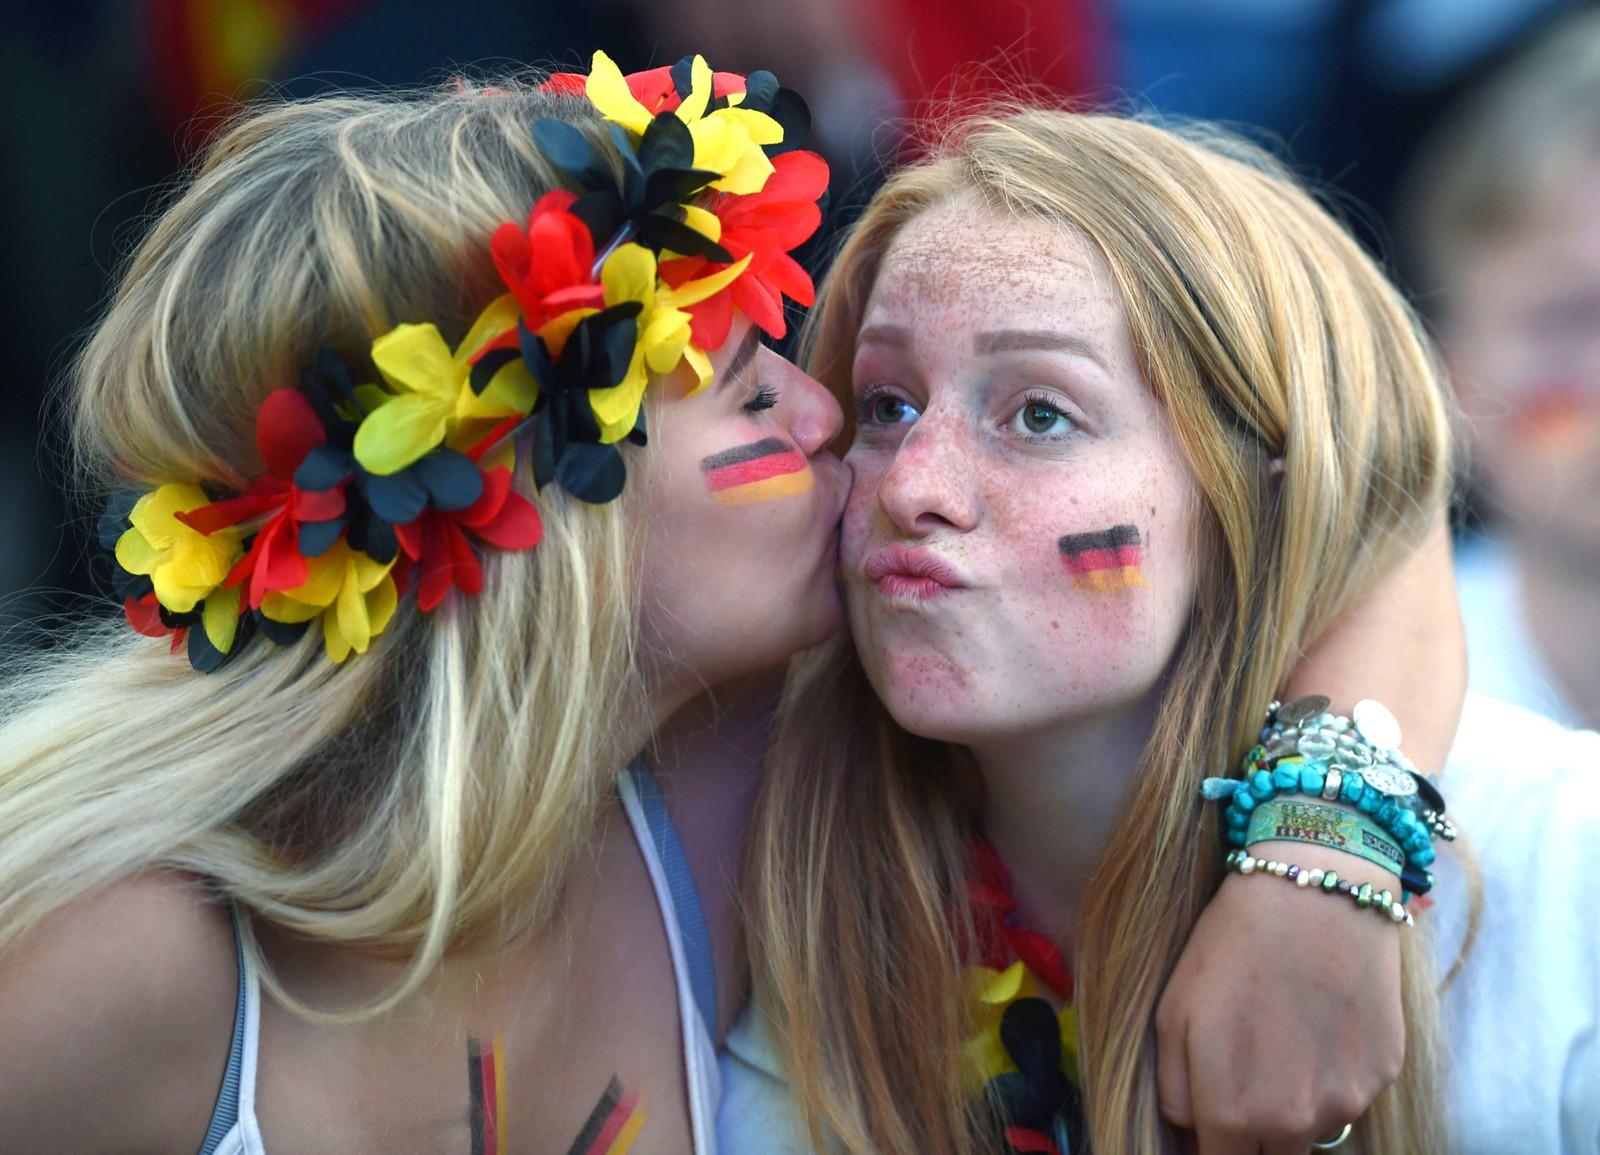 Det kan være godt med litt trøst. Tyskland tapte 2-0 mot Frankrike i EM i fotball den syvende juli.